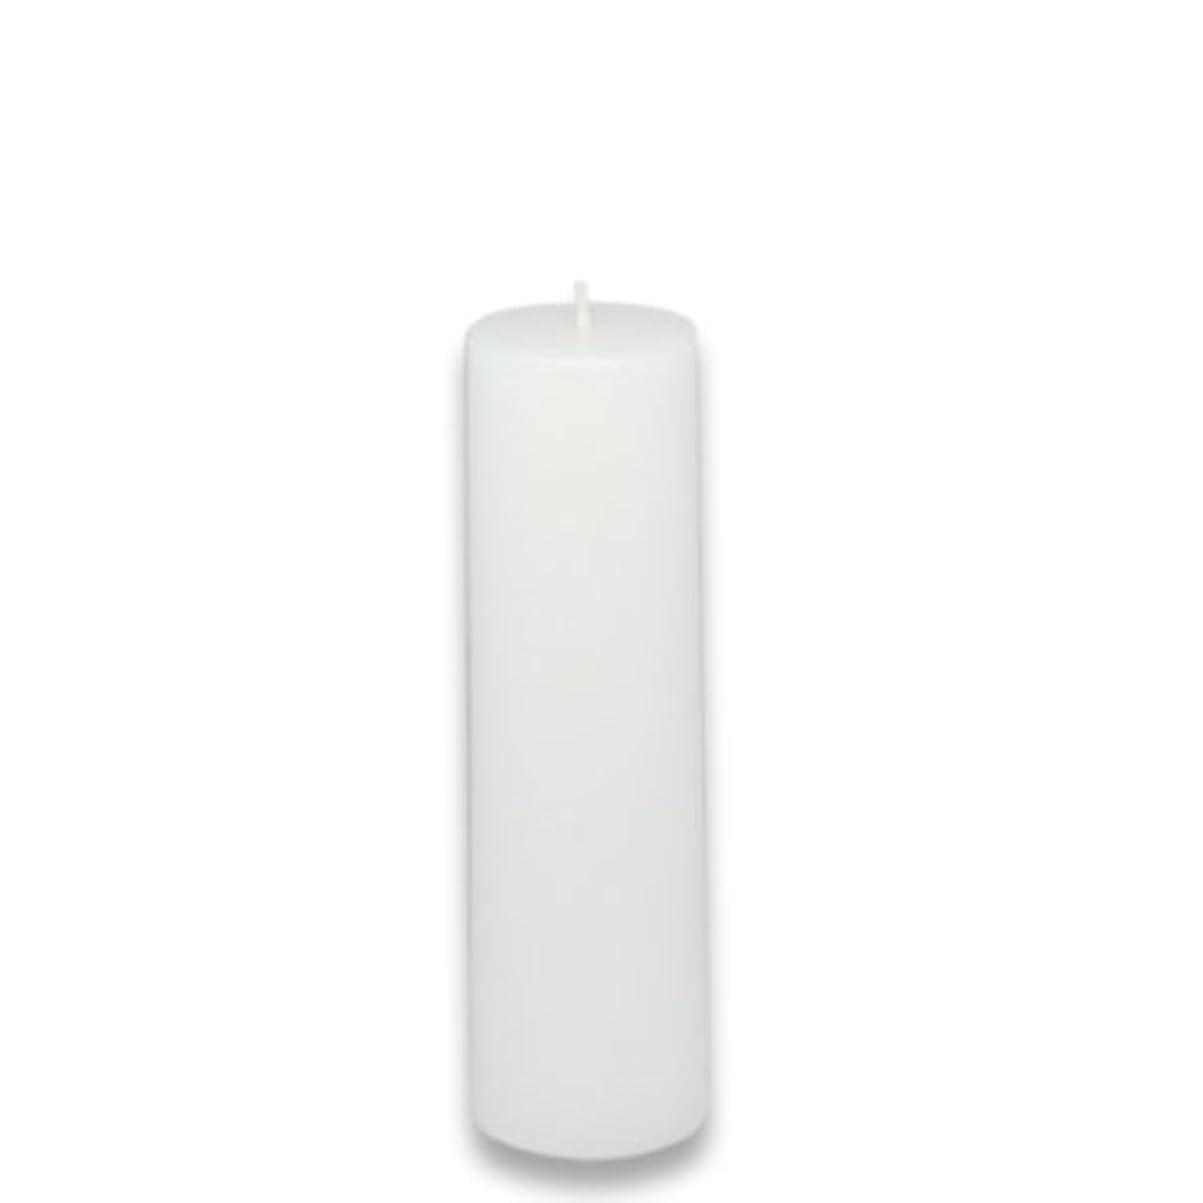 ランダムプレビューブッシュZest Candle Pillar Candle, 2 by 6-Inch, White [並行輸入品]